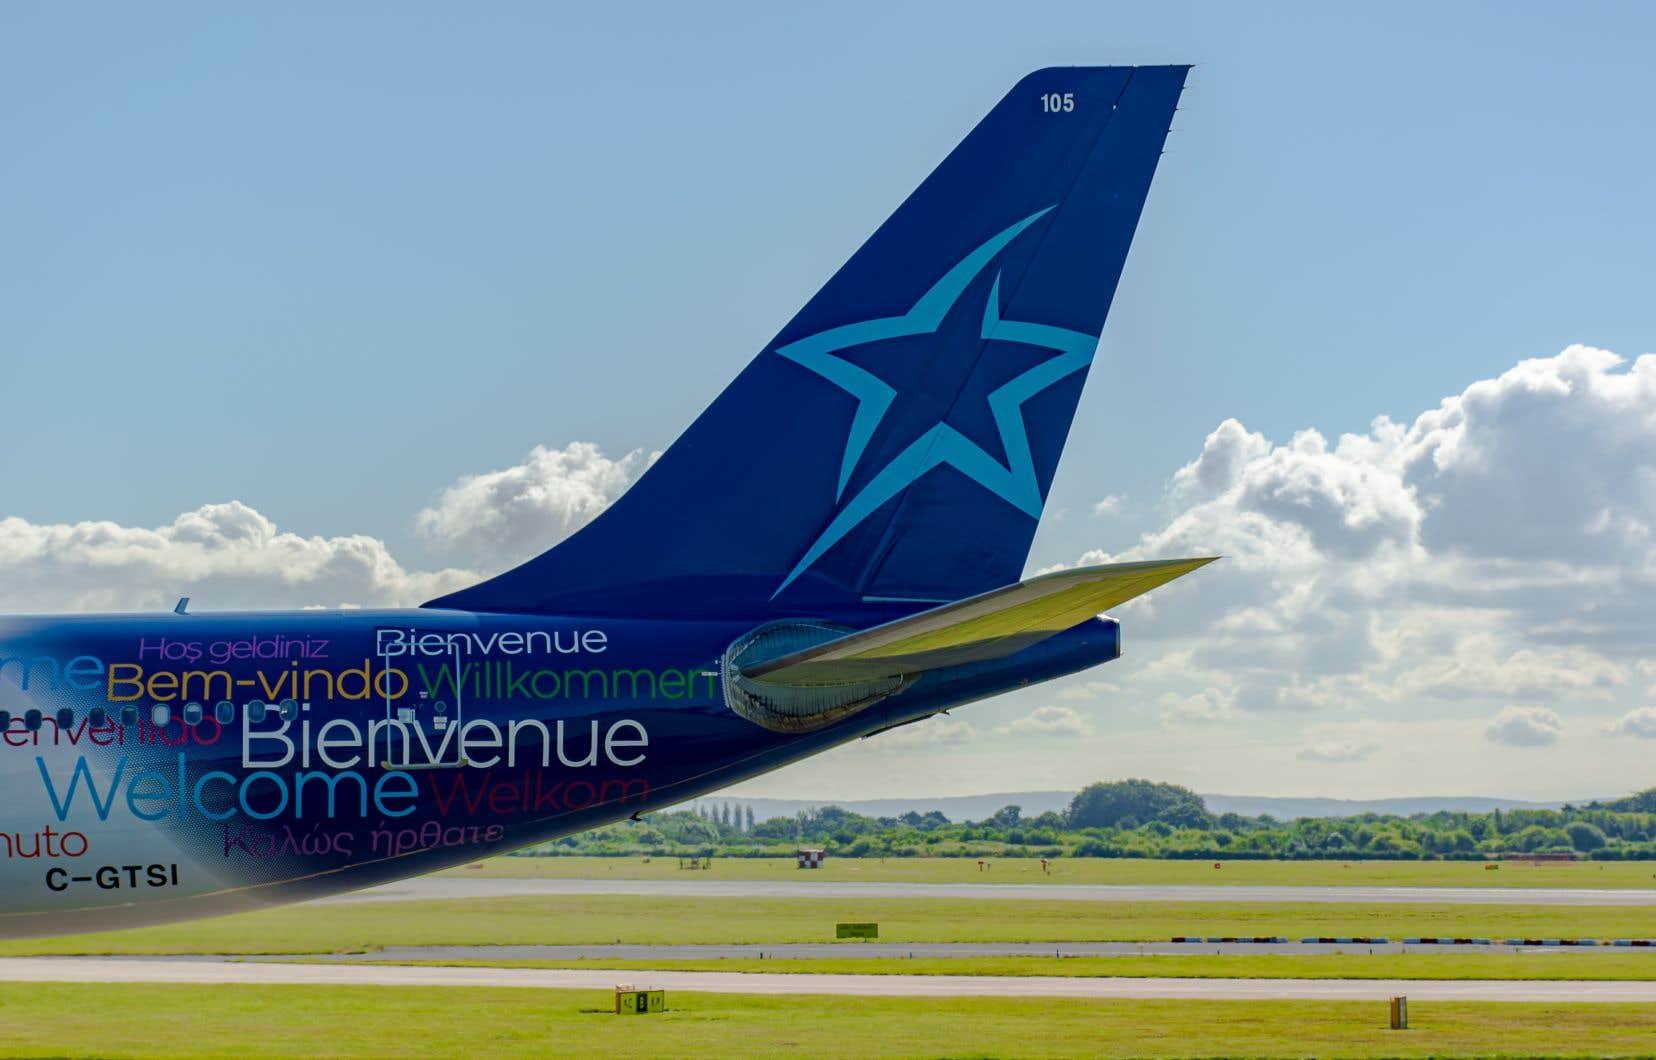 Le transporteur Air Canada, dont le prix avancé au début des pourparlers avait rebuté au moins un gros actionnaire, tourne donc la page sur un mois de discussions exclusives avec le voyagiste.